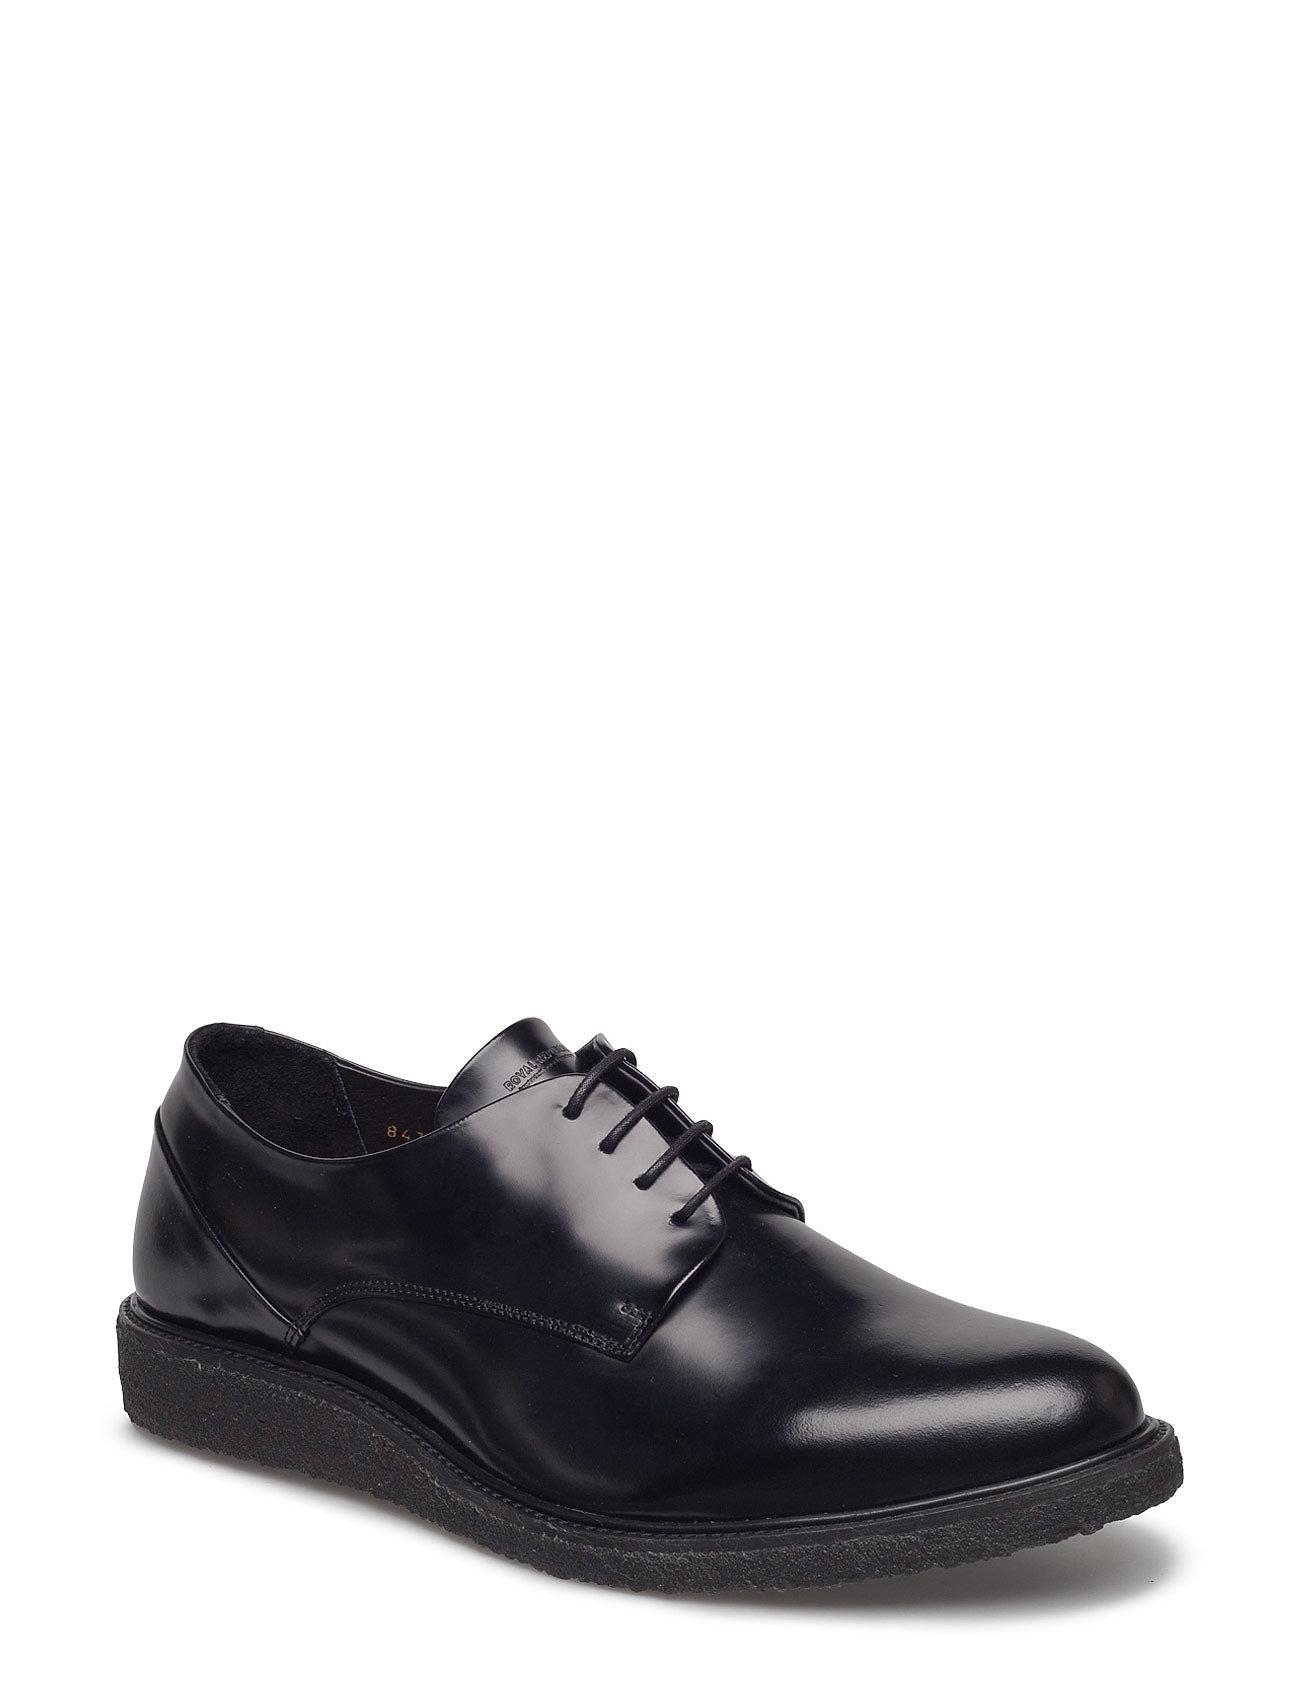 Border Creep Derby Shoe Royal RepubliQ Casual sko til Herrer i Sort